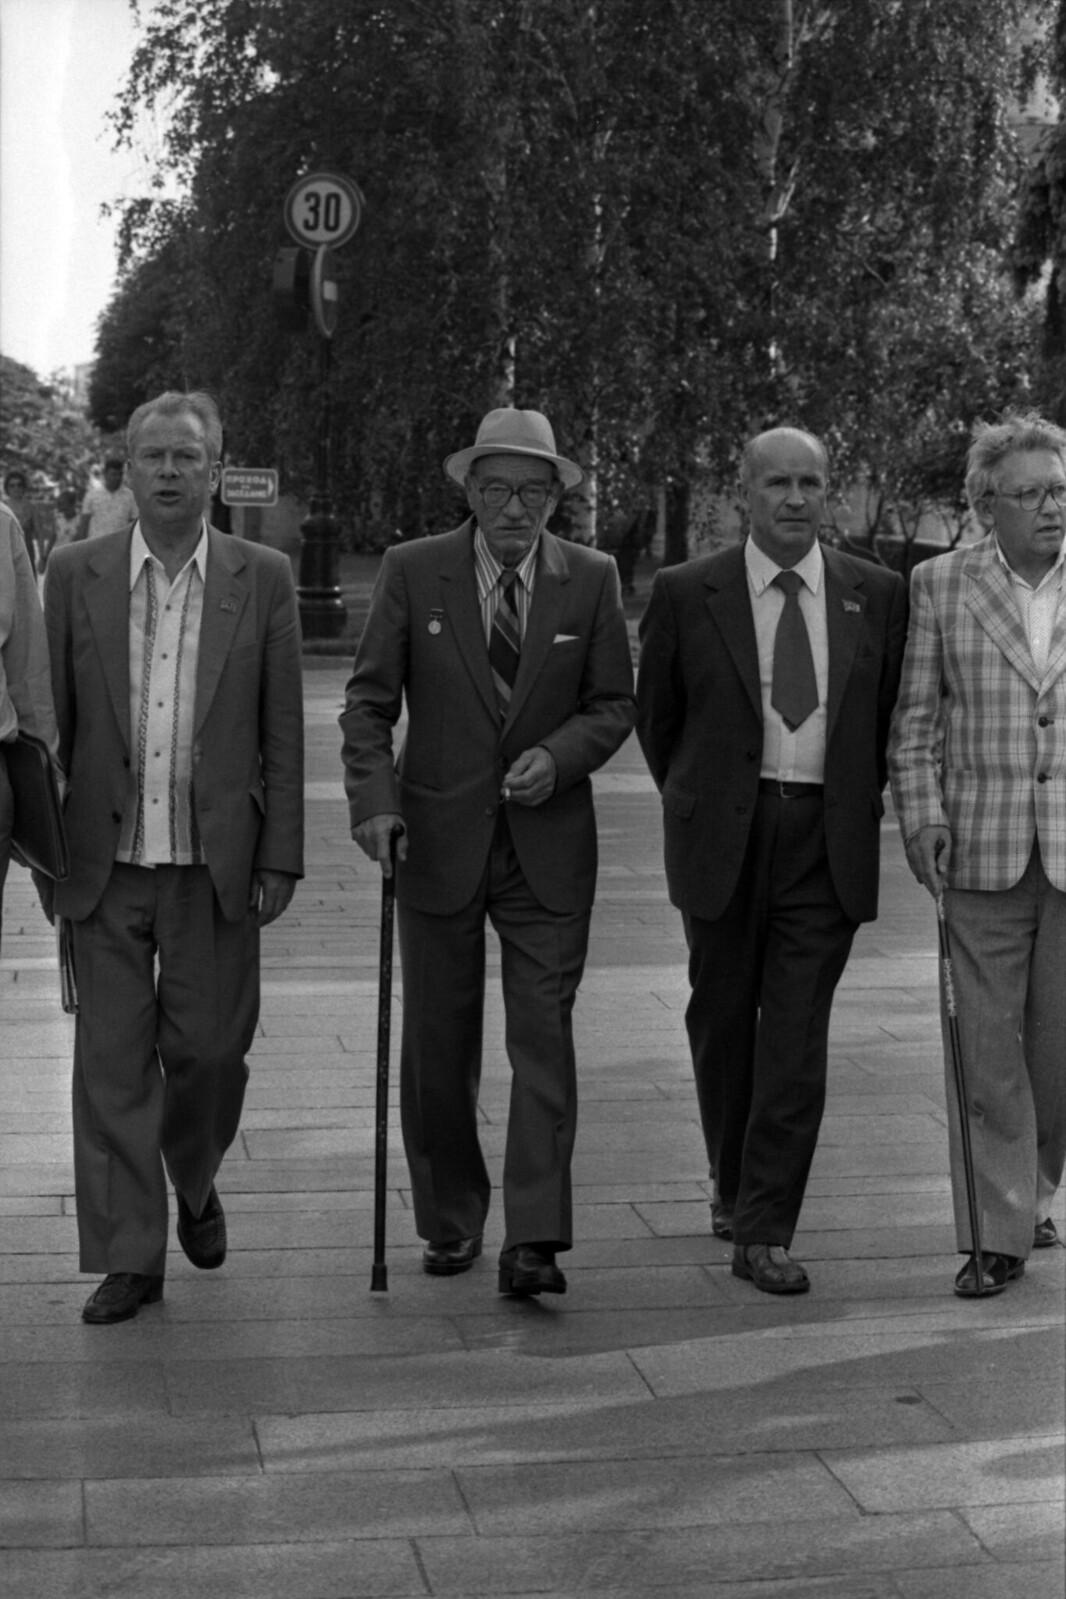 1988. Новгород, Гавриил Троепольский на празднике славянской письменности.